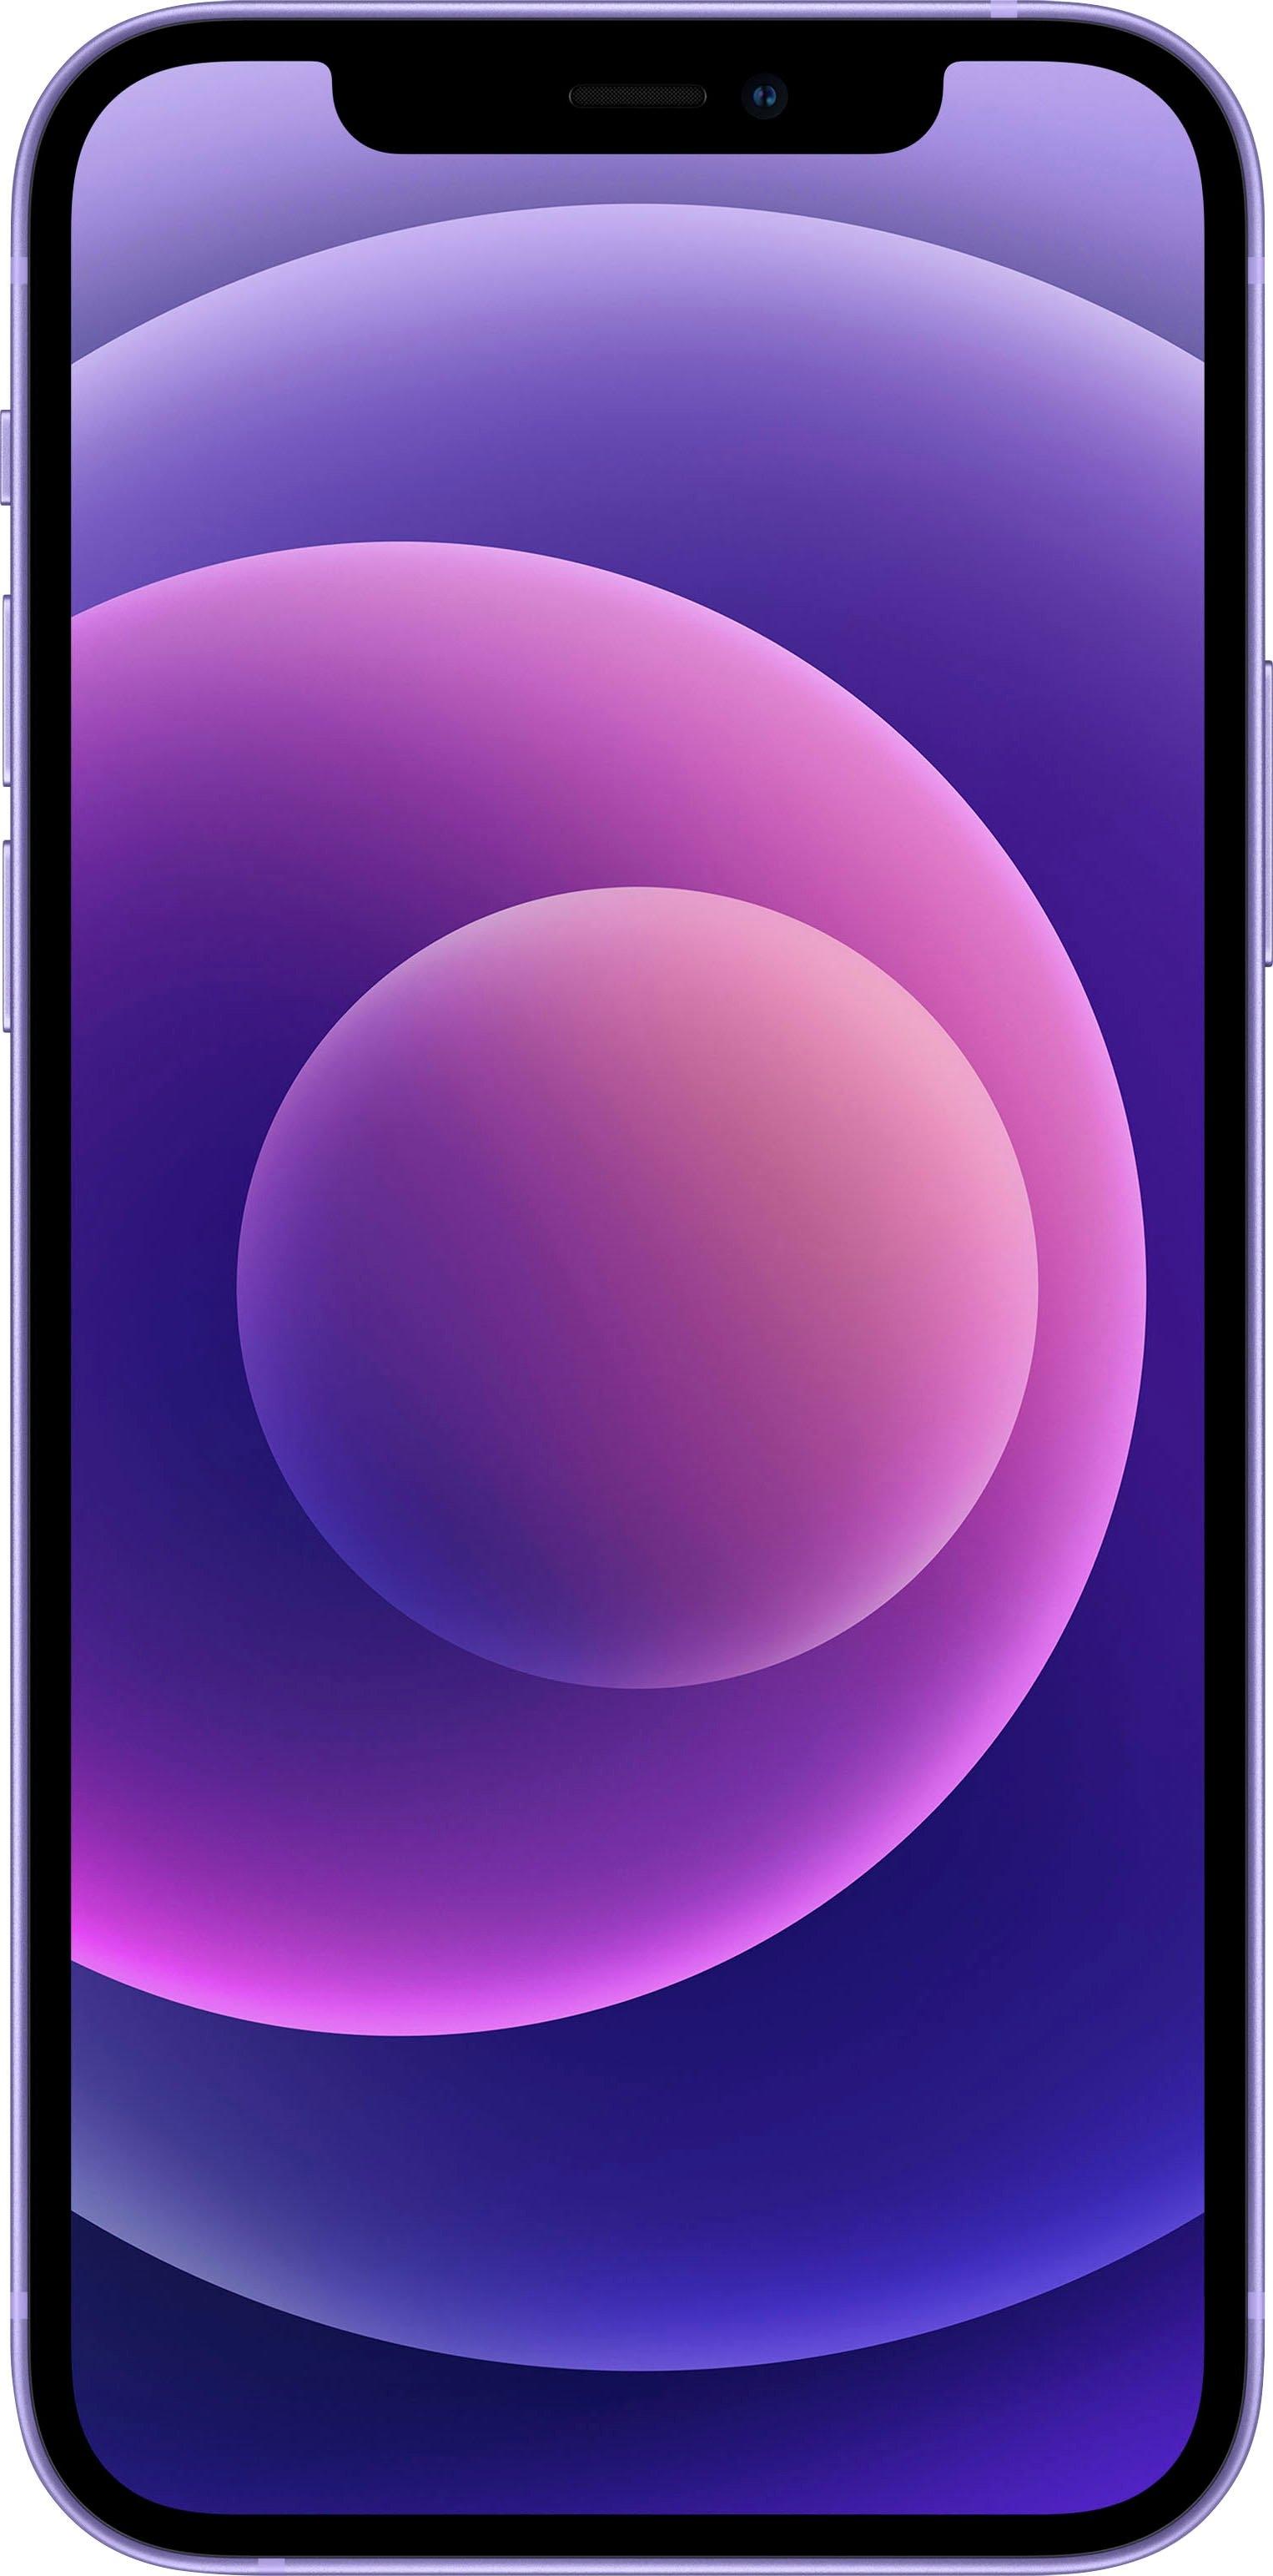 Apple smartphone IPhone 12 mini, 256 GB, zonder stroom-adapter en hoofdtelefoon, compatibel met airpods, airpods pro, earpods hoofdtelefoon in de webshop van OTTO kopen